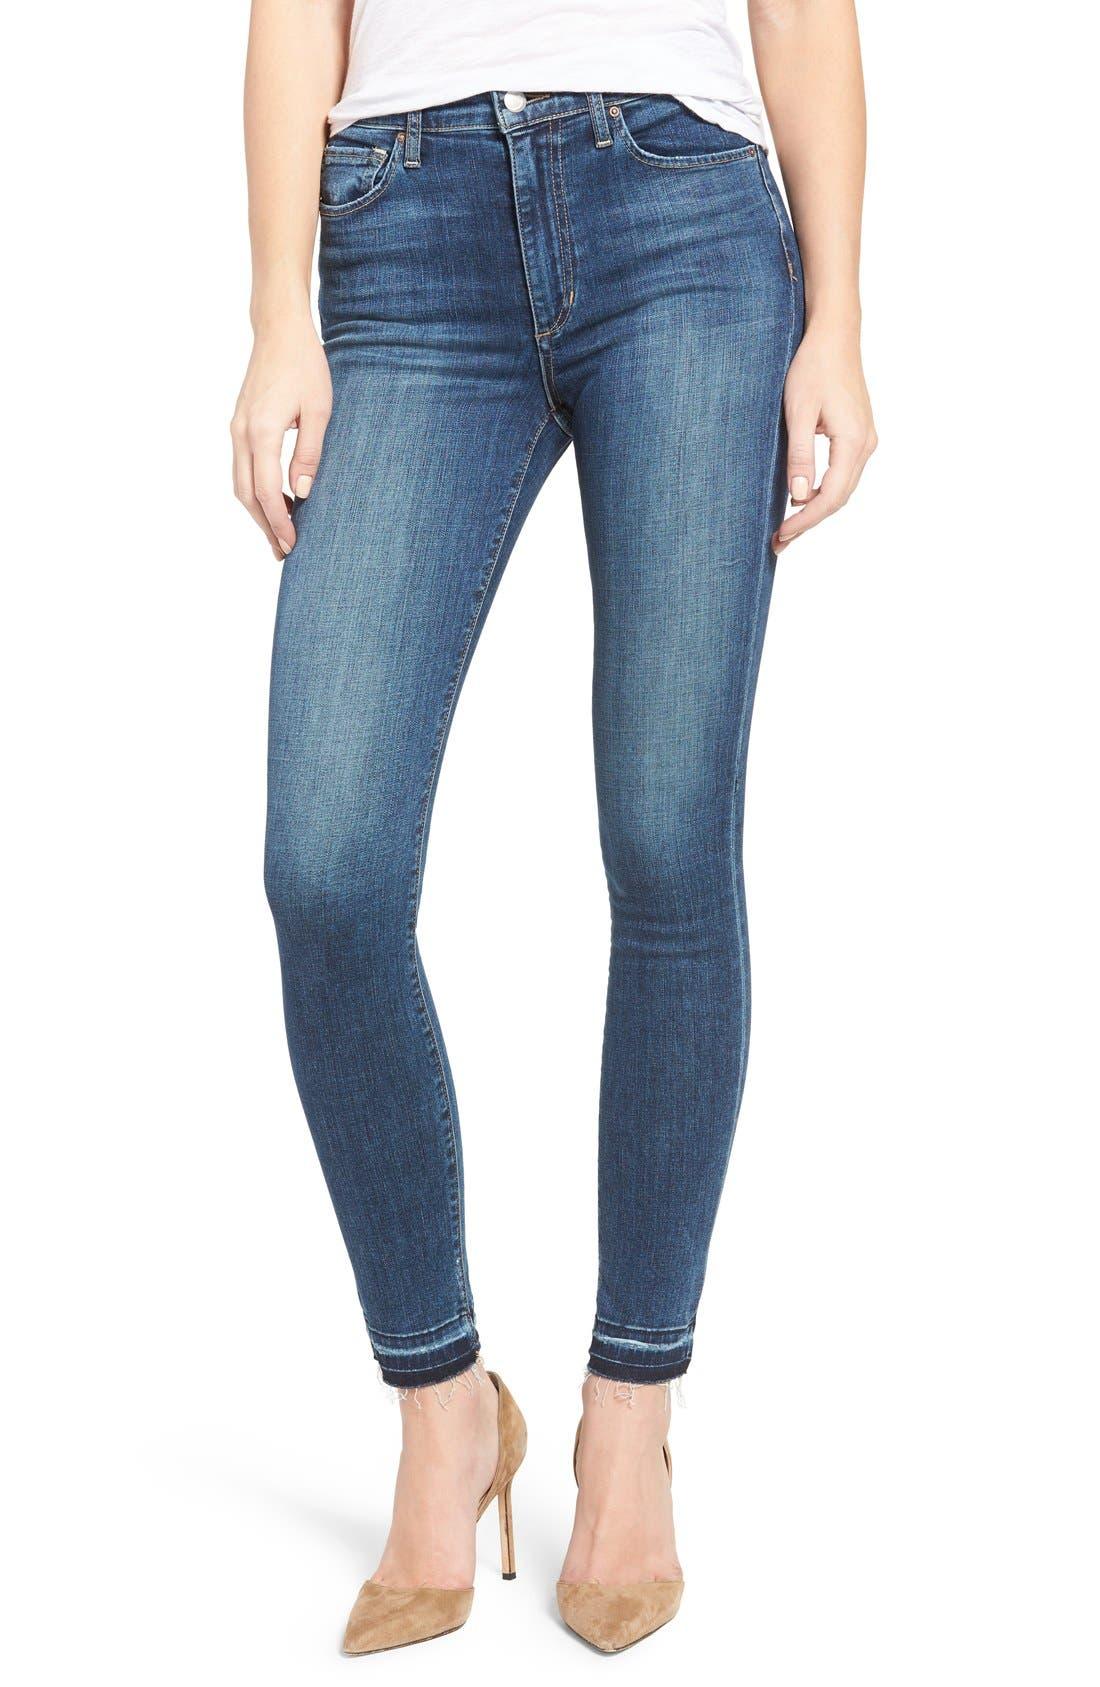 JOE'S Flawless Charlie Ankle Skinny Jeans